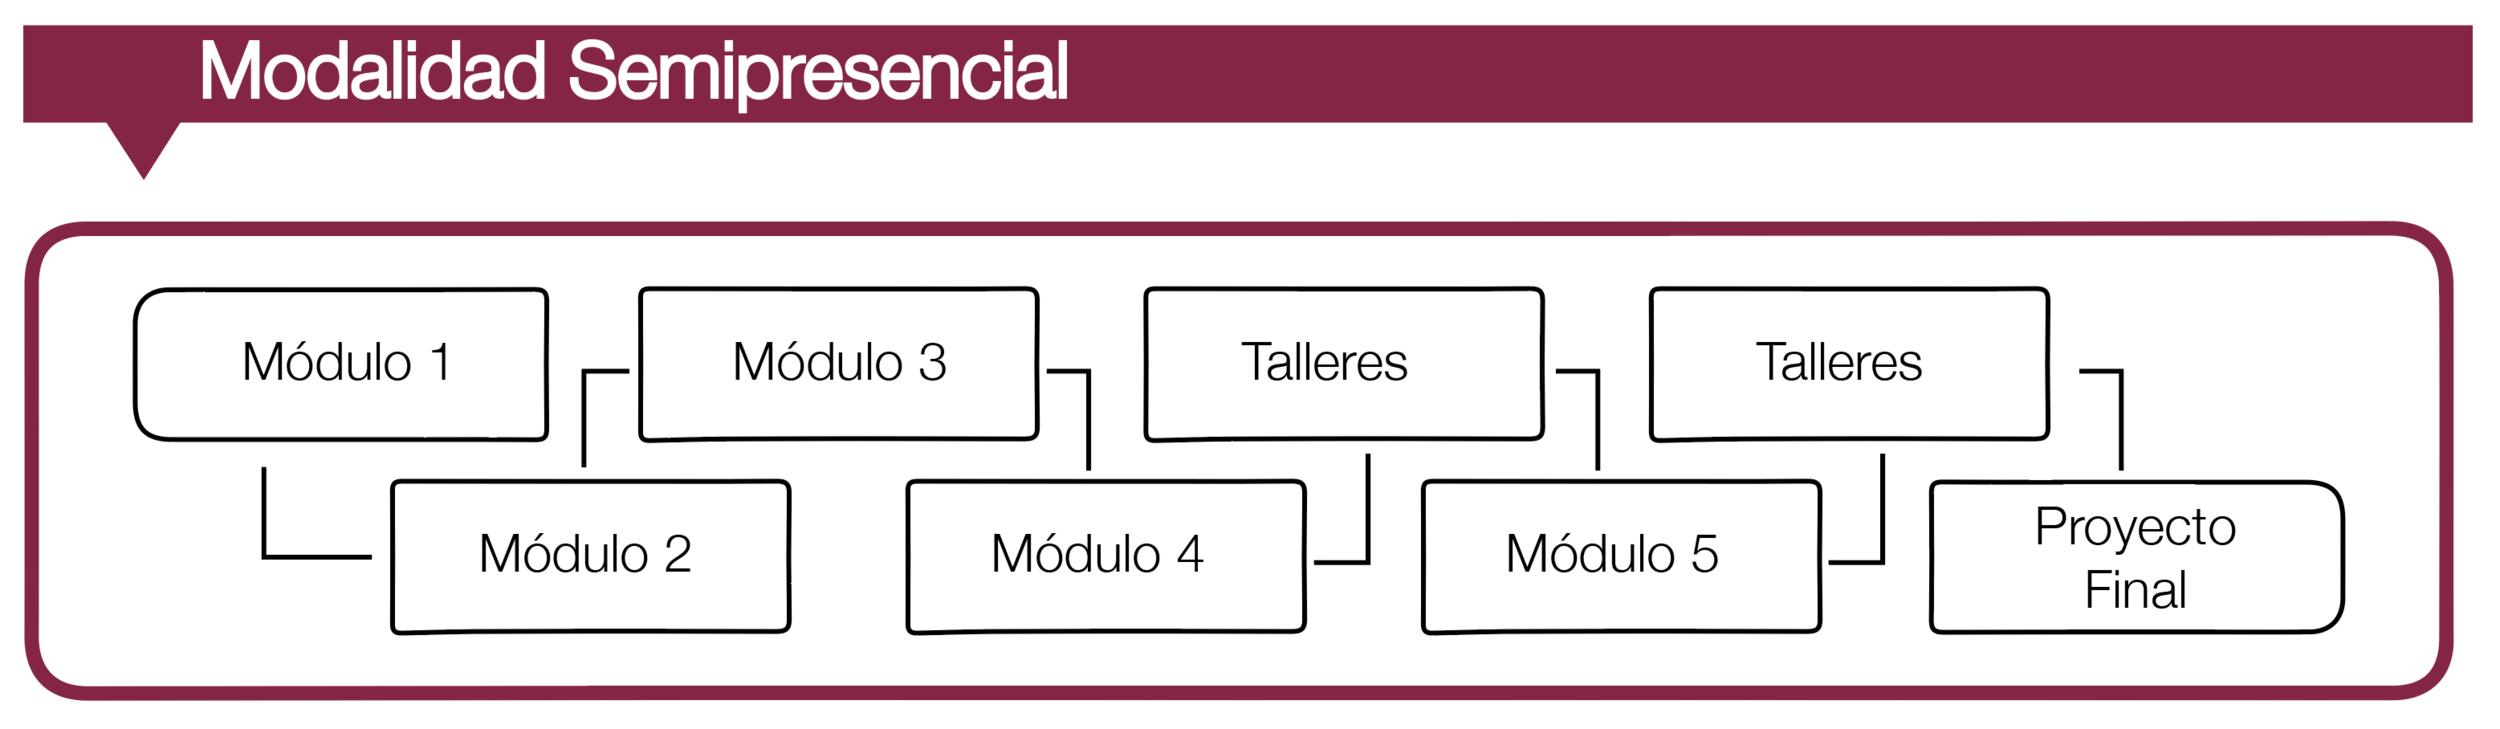 Modalidad Semipresencial.png